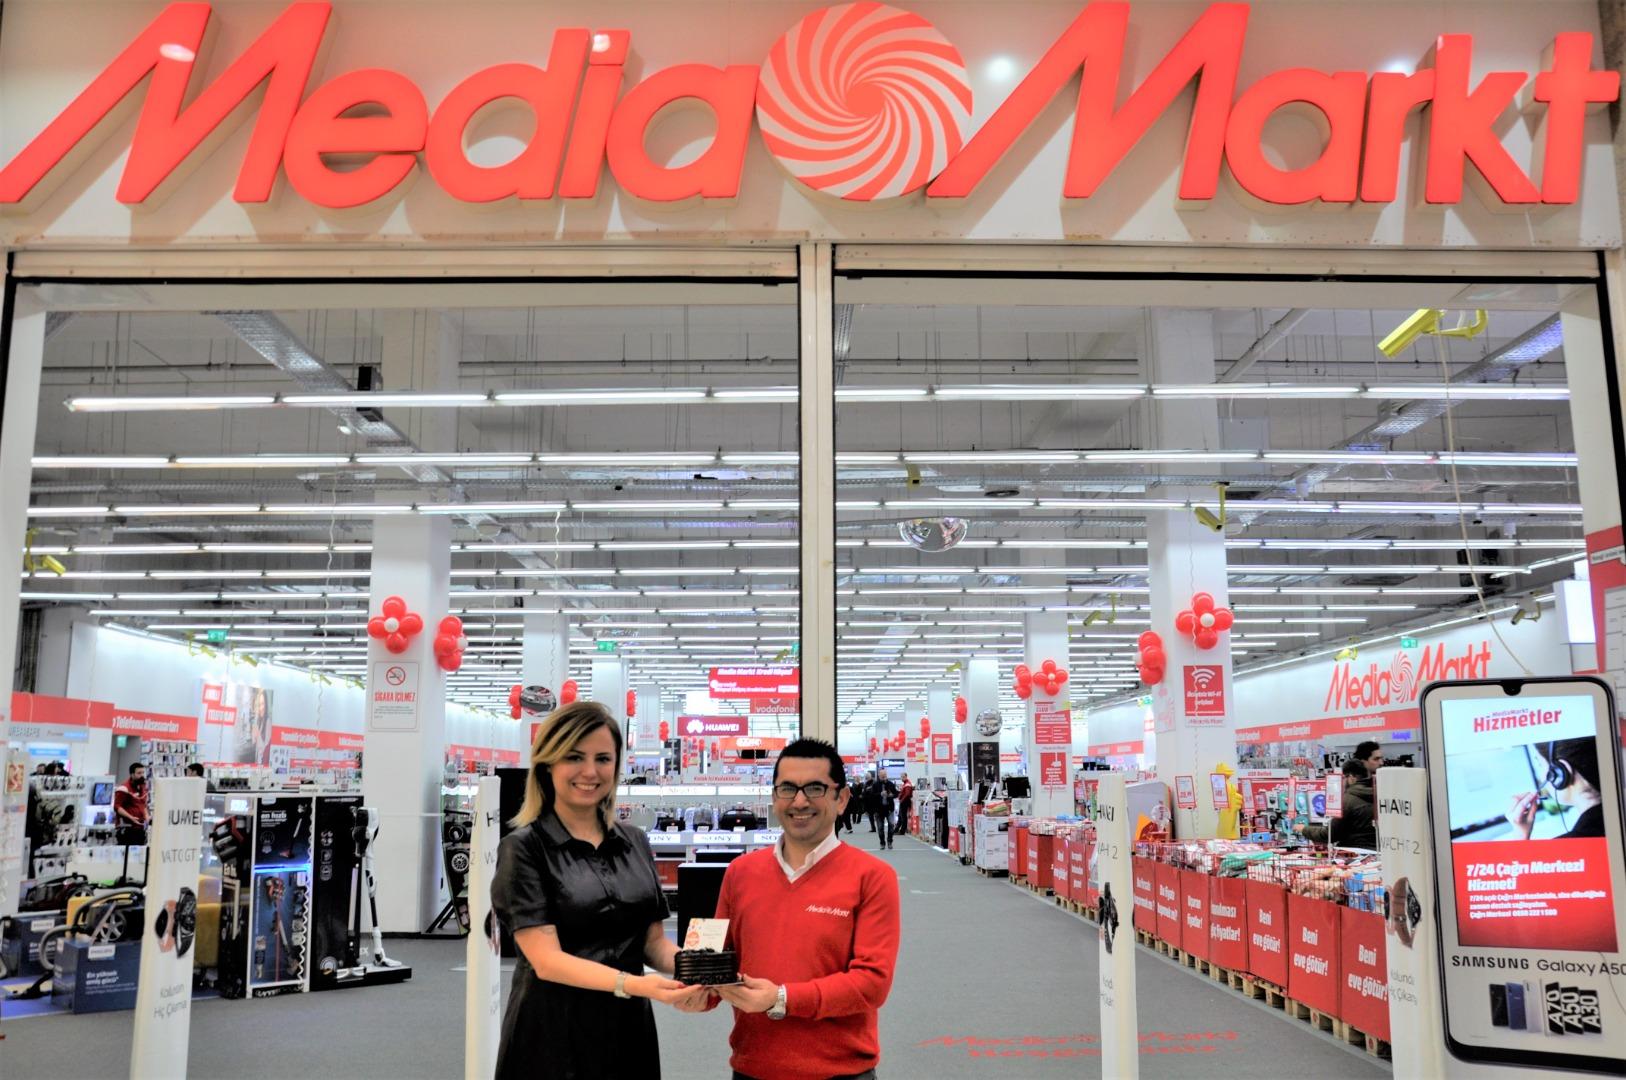 Antares Mağazacılar Günü'nü kutladı